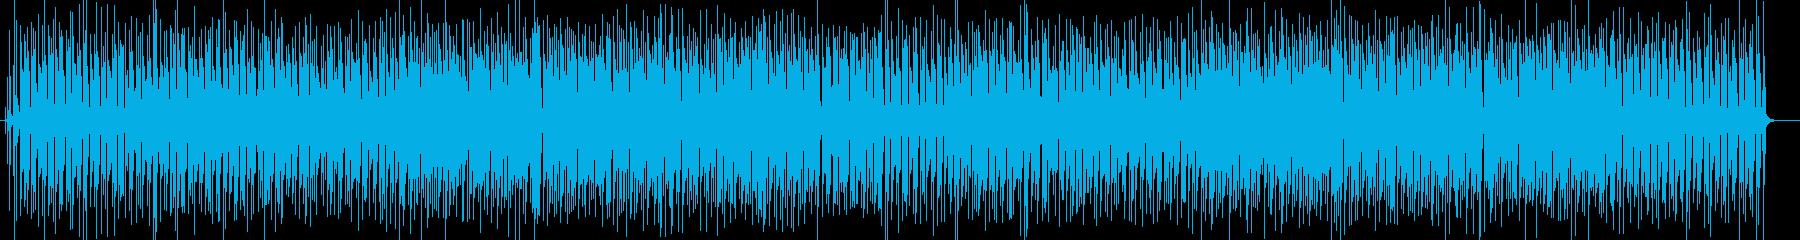 明るくポップなシンセサイザーサウンドの再生済みの波形